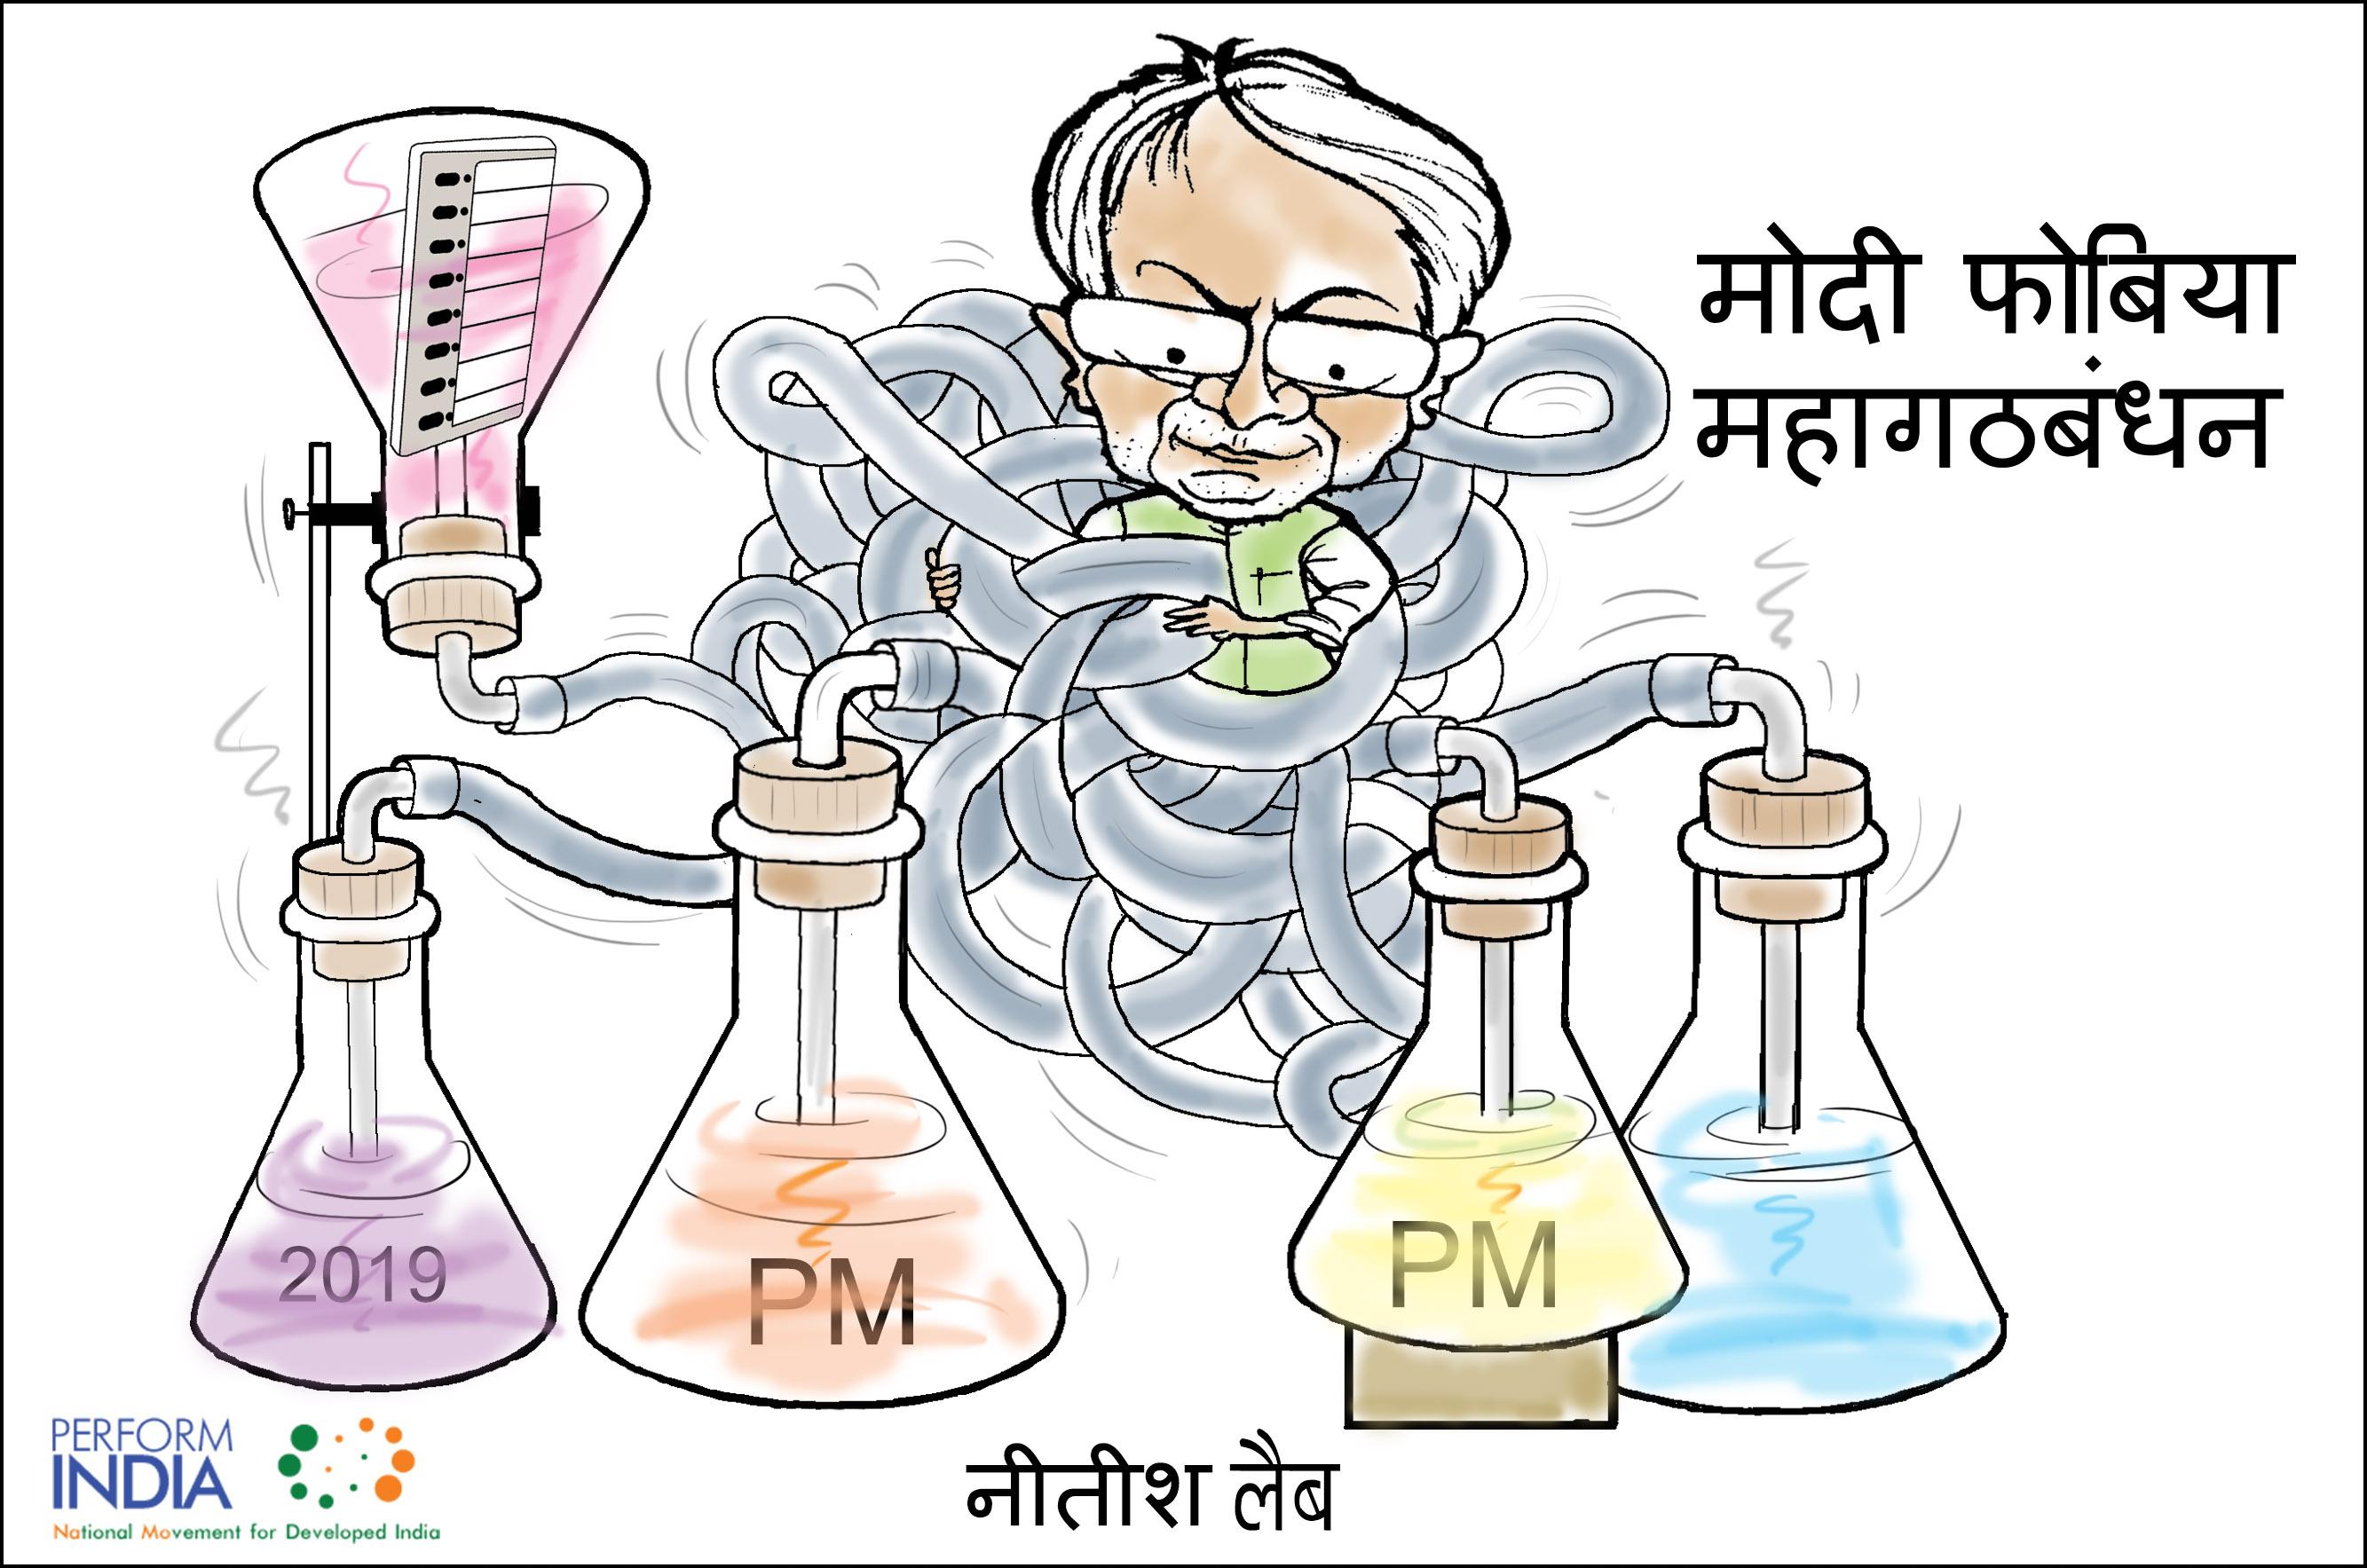 mahagathabandhan cartoon के लिए इमेज परिणाम